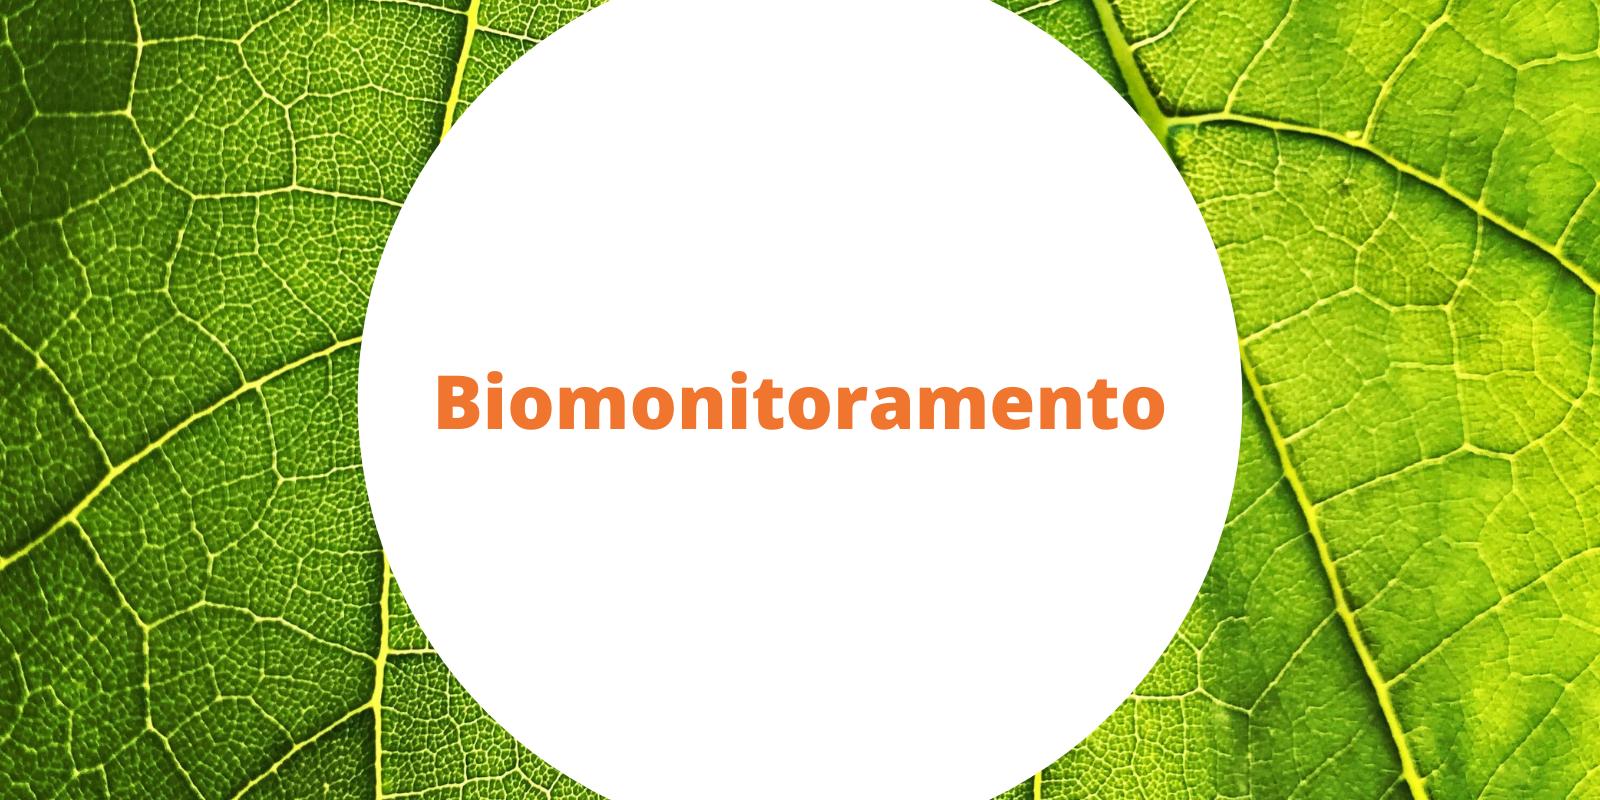 Imagem: Artigo: Como monitorar a contaminação ambiental utilizando plantas tropicais